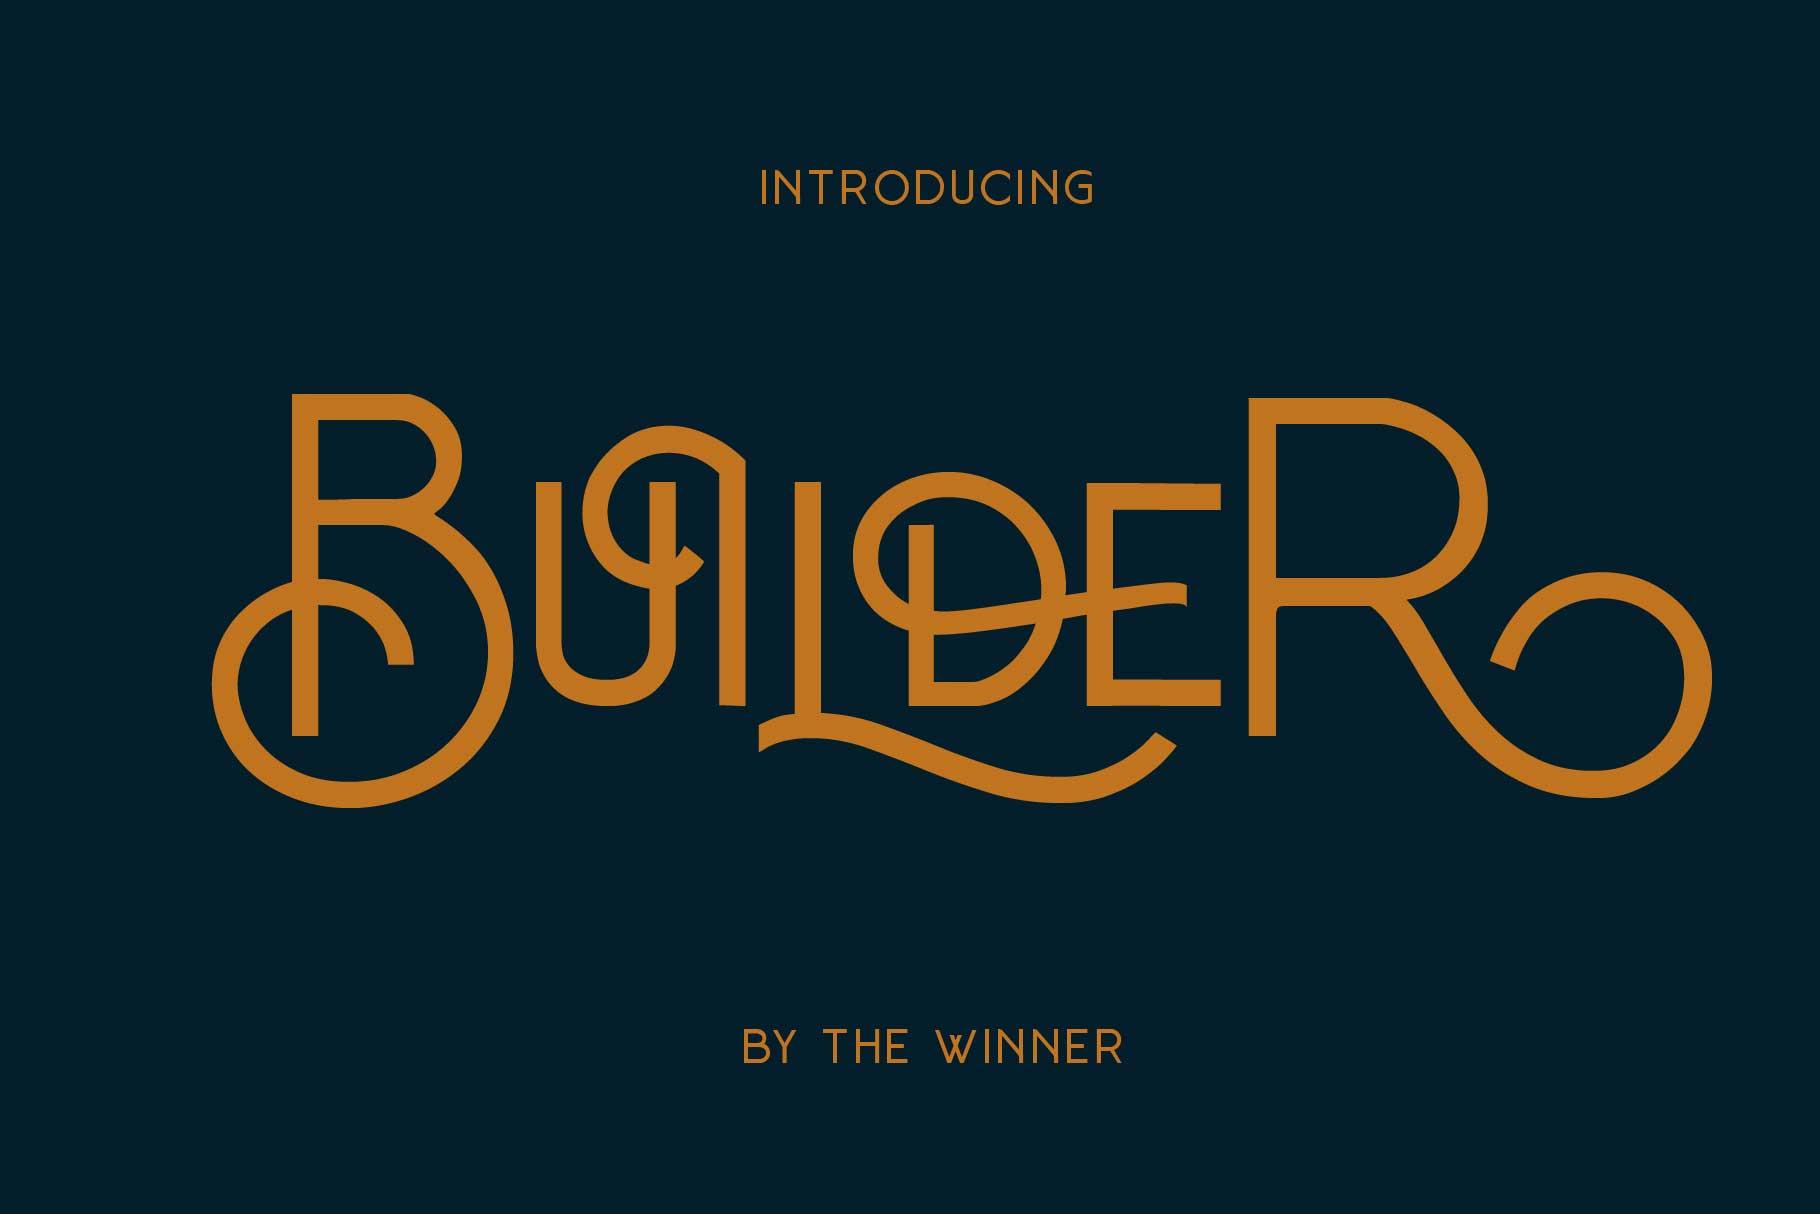 Builder-Font